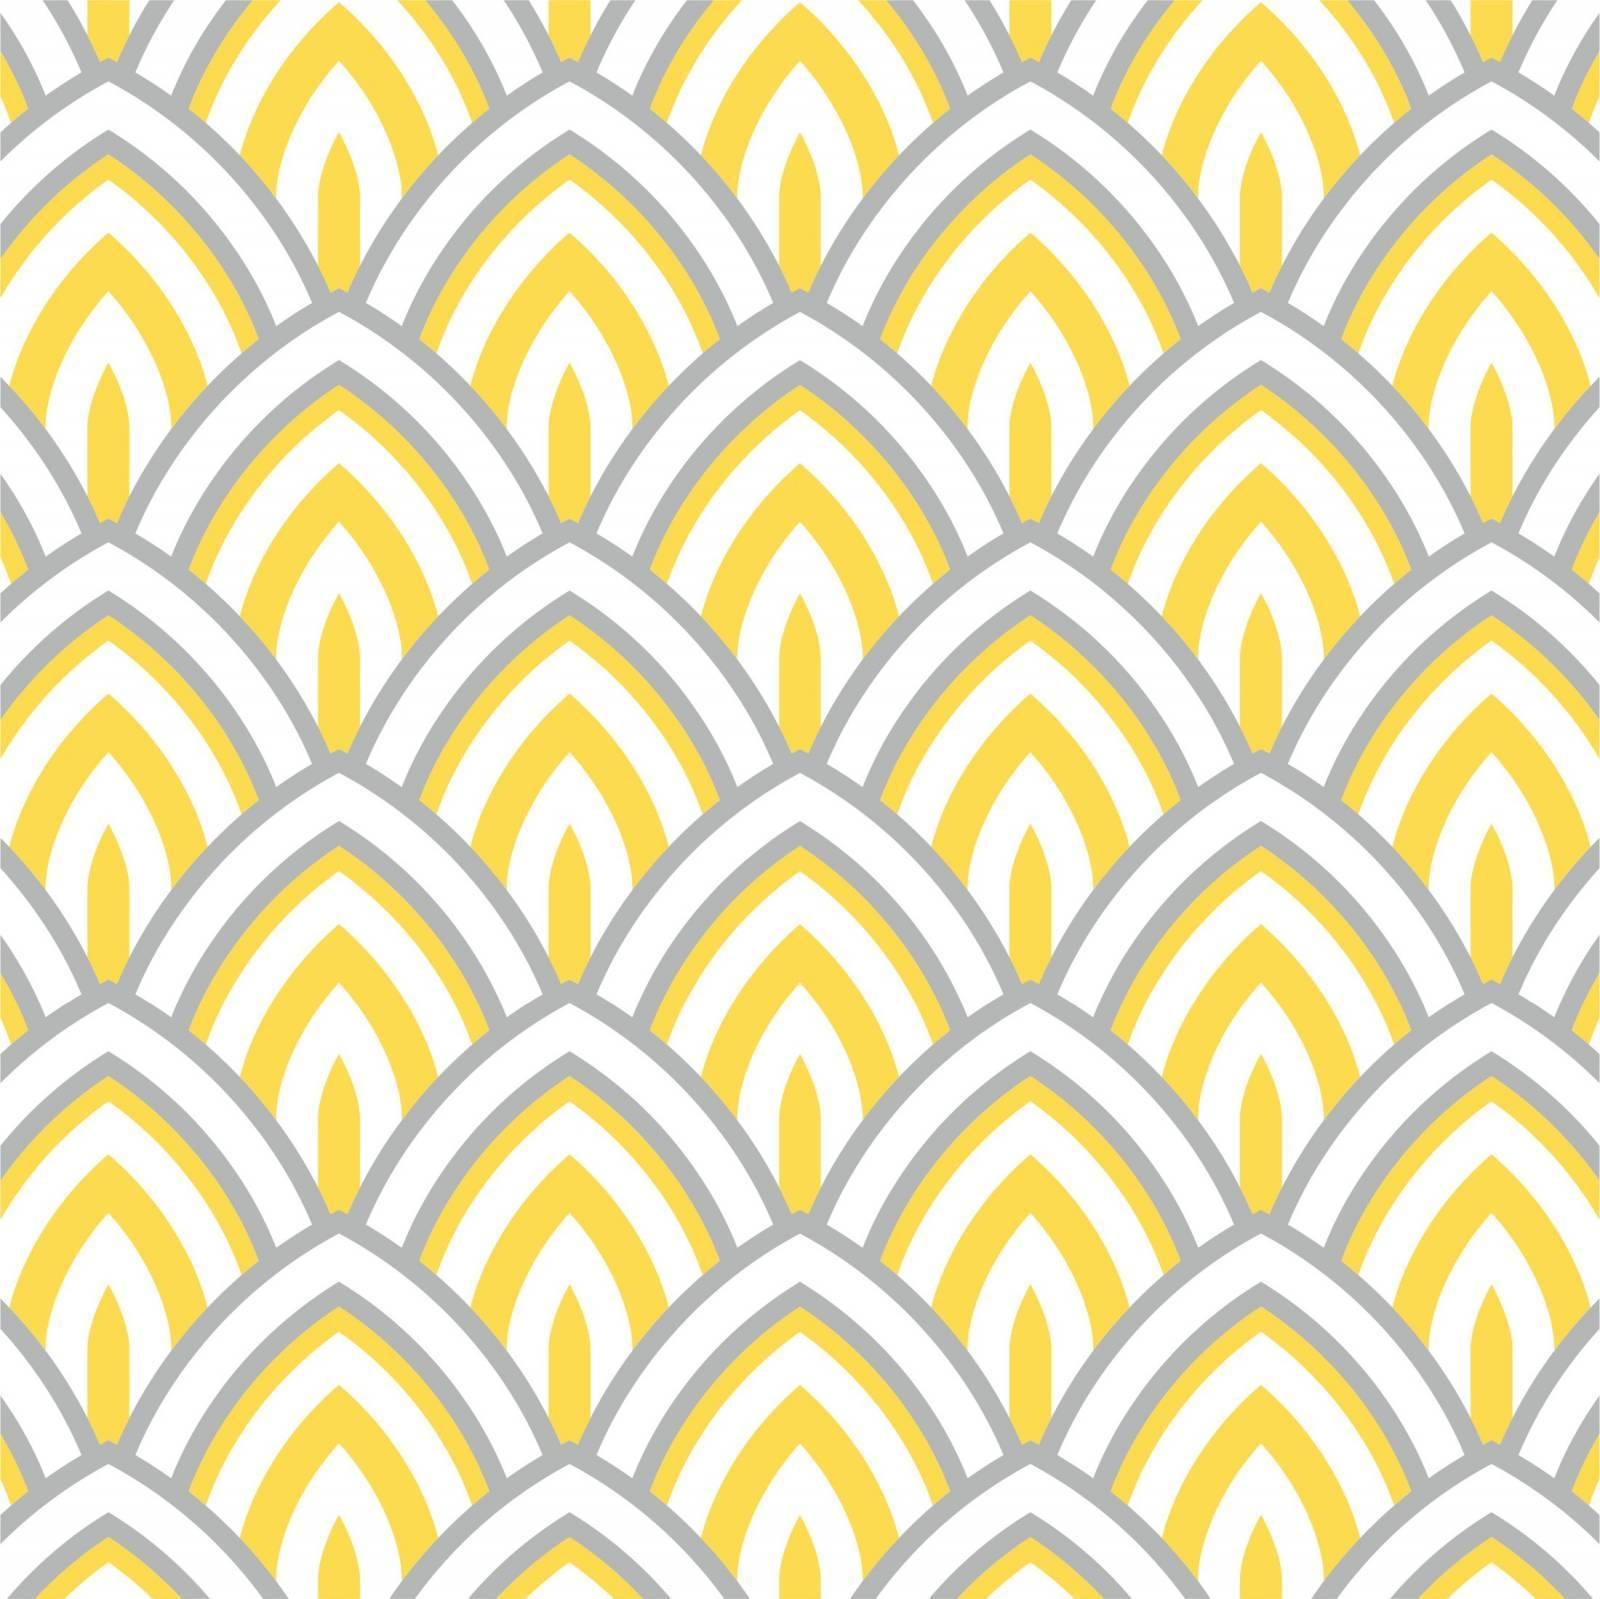 Papel de Parede Adesivo Geometrico Amarelo Cinza